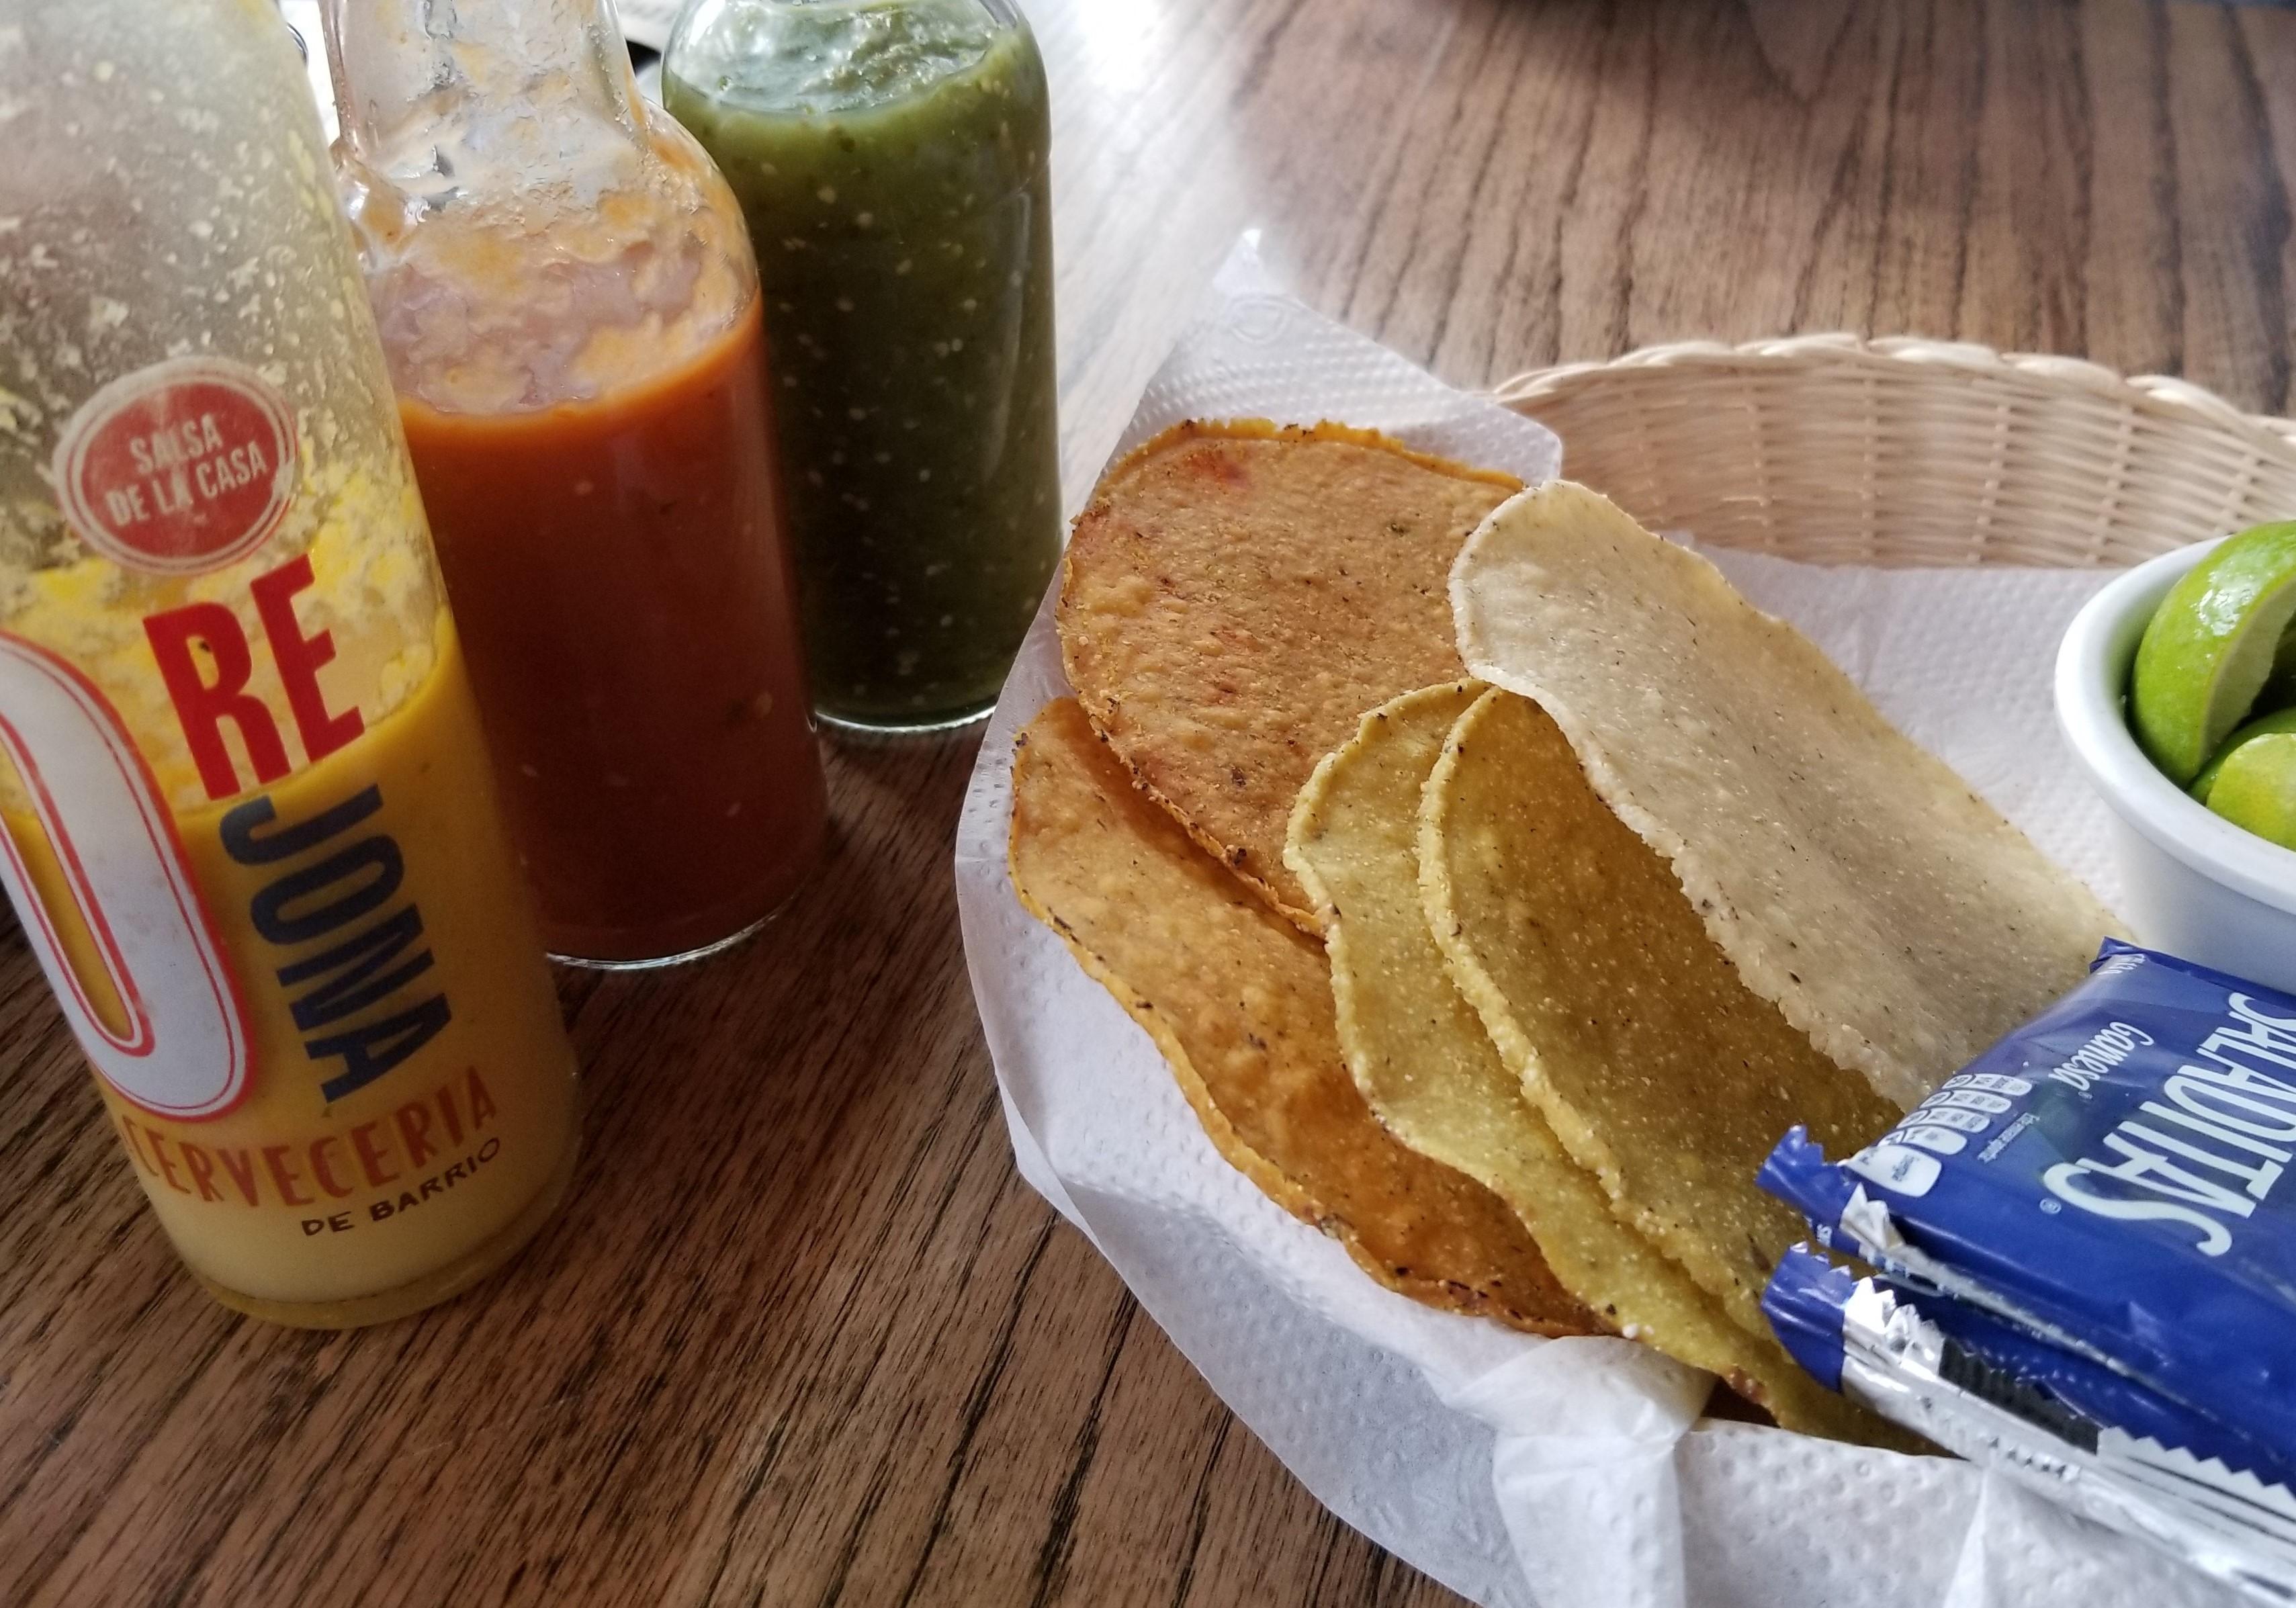 House salsas La Cerveceria de Barrio Manacar